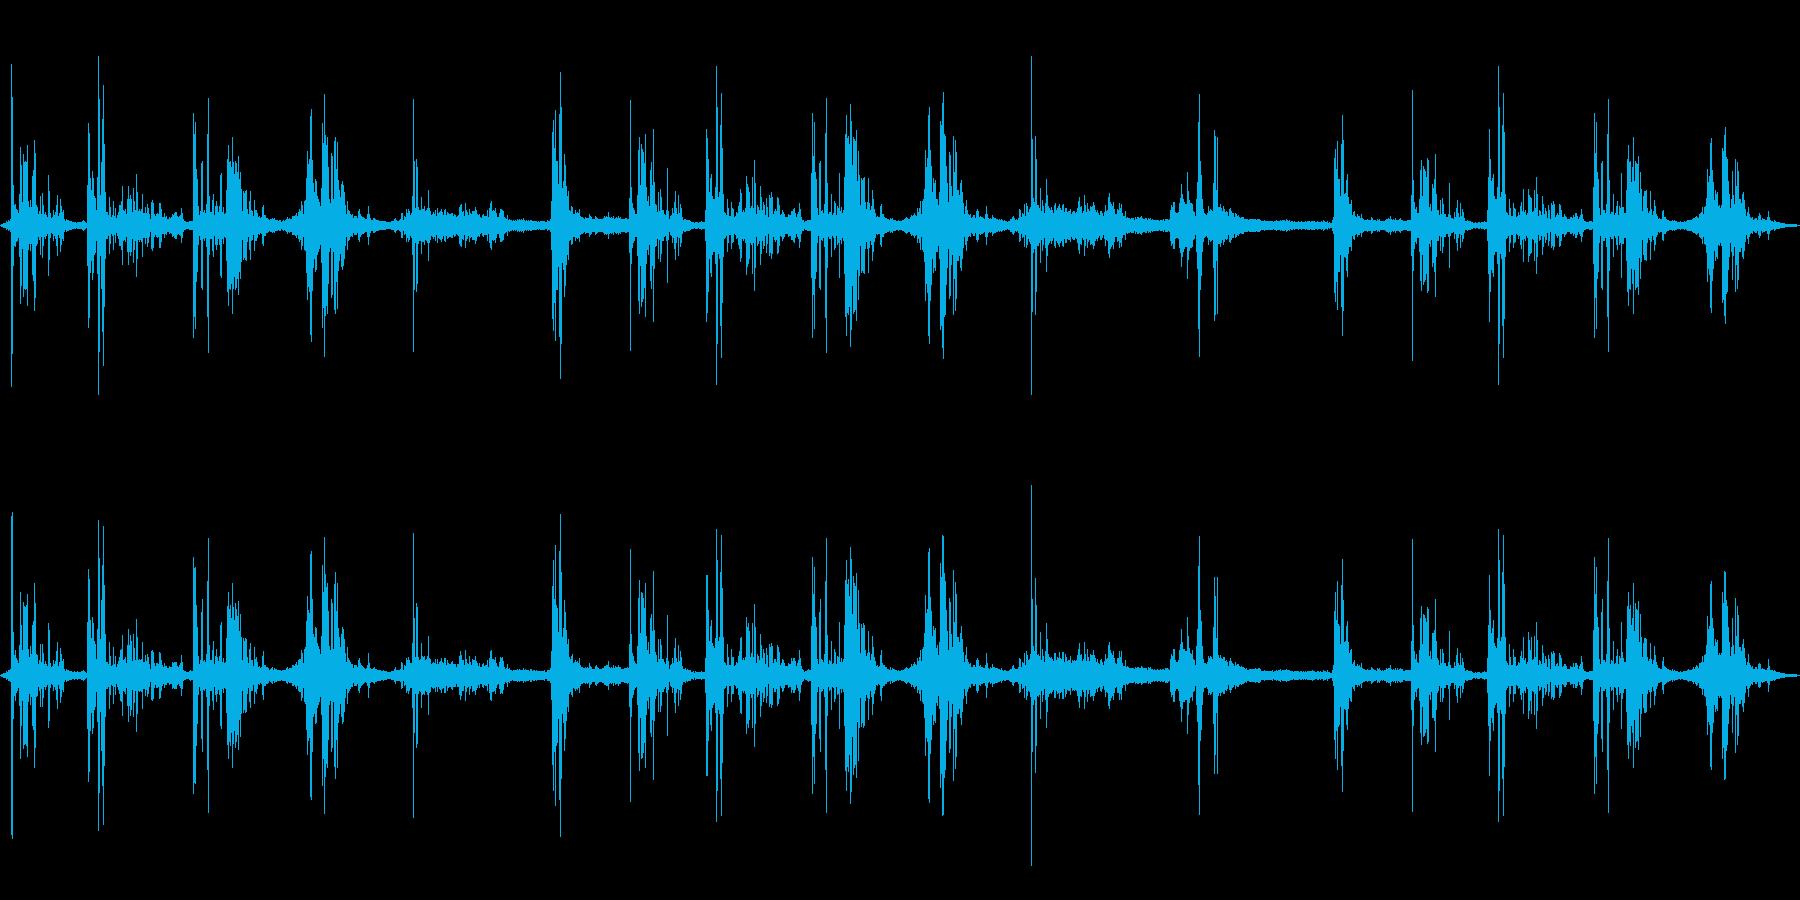 ゴロゴロゴロ…ドカンッ!…(雷の音)の再生済みの波形